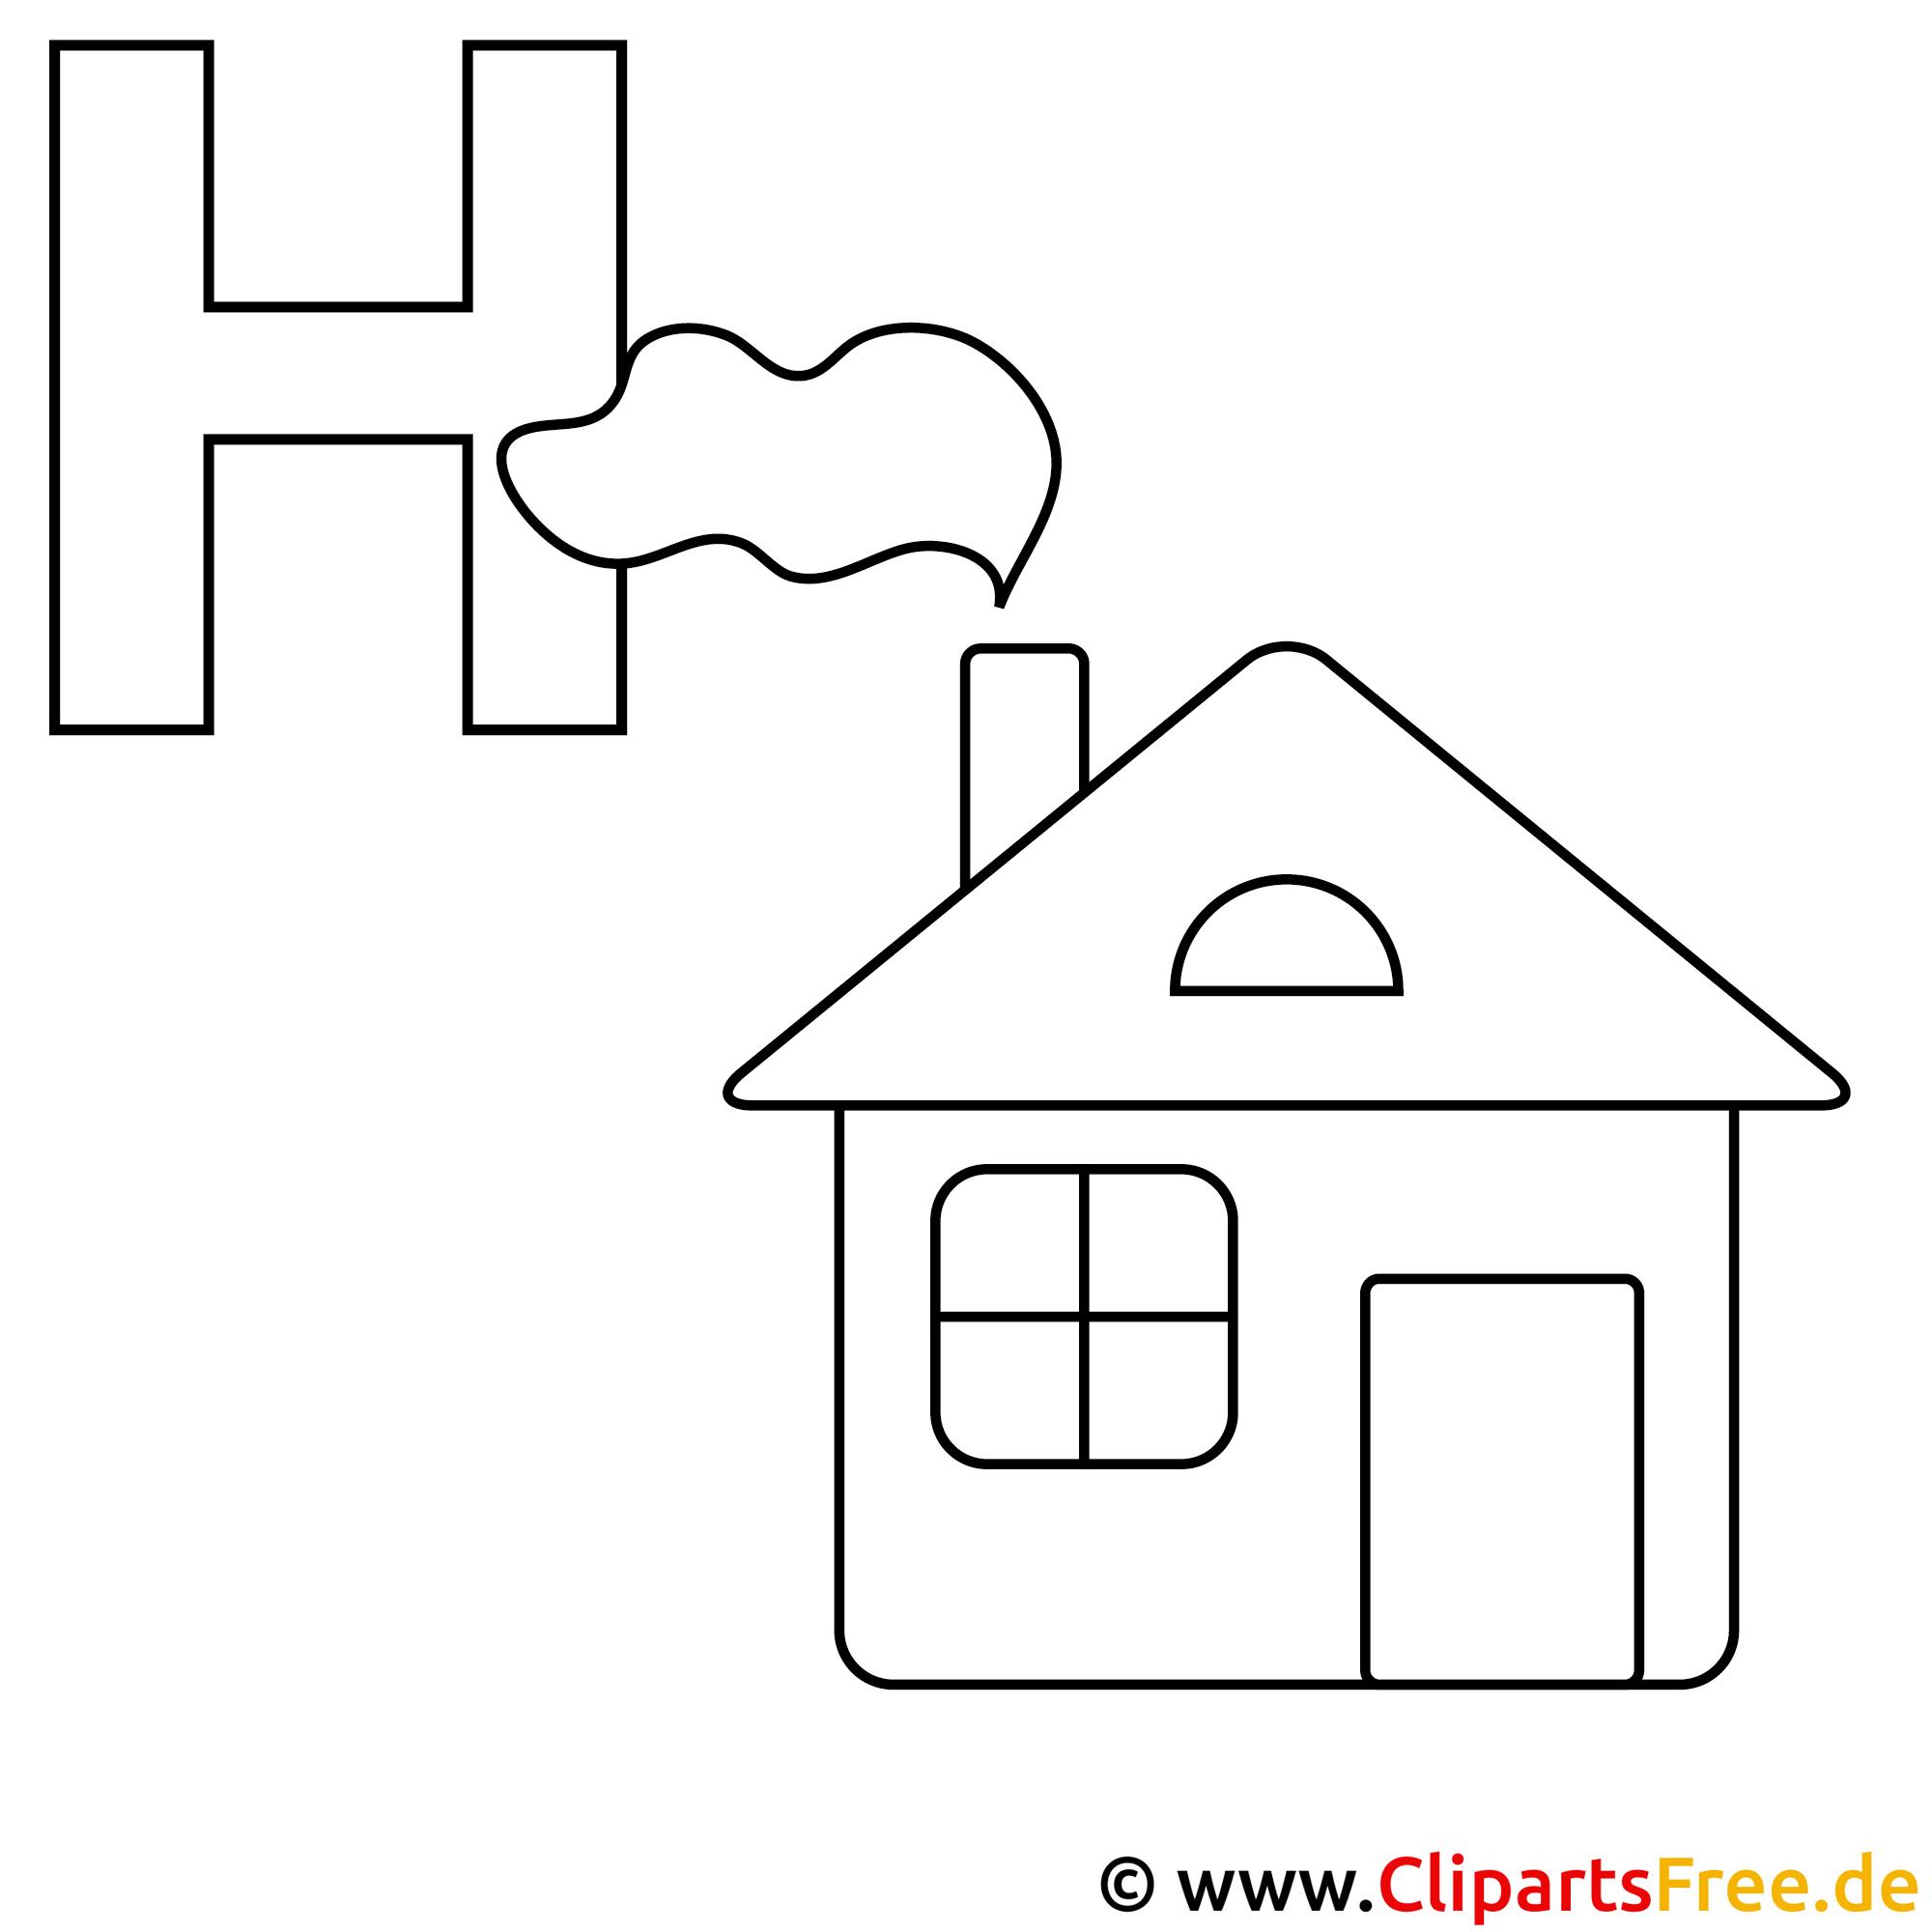 haus ausmalbild buchstaben vorlagen kostenlos. Black Bedroom Furniture Sets. Home Design Ideas